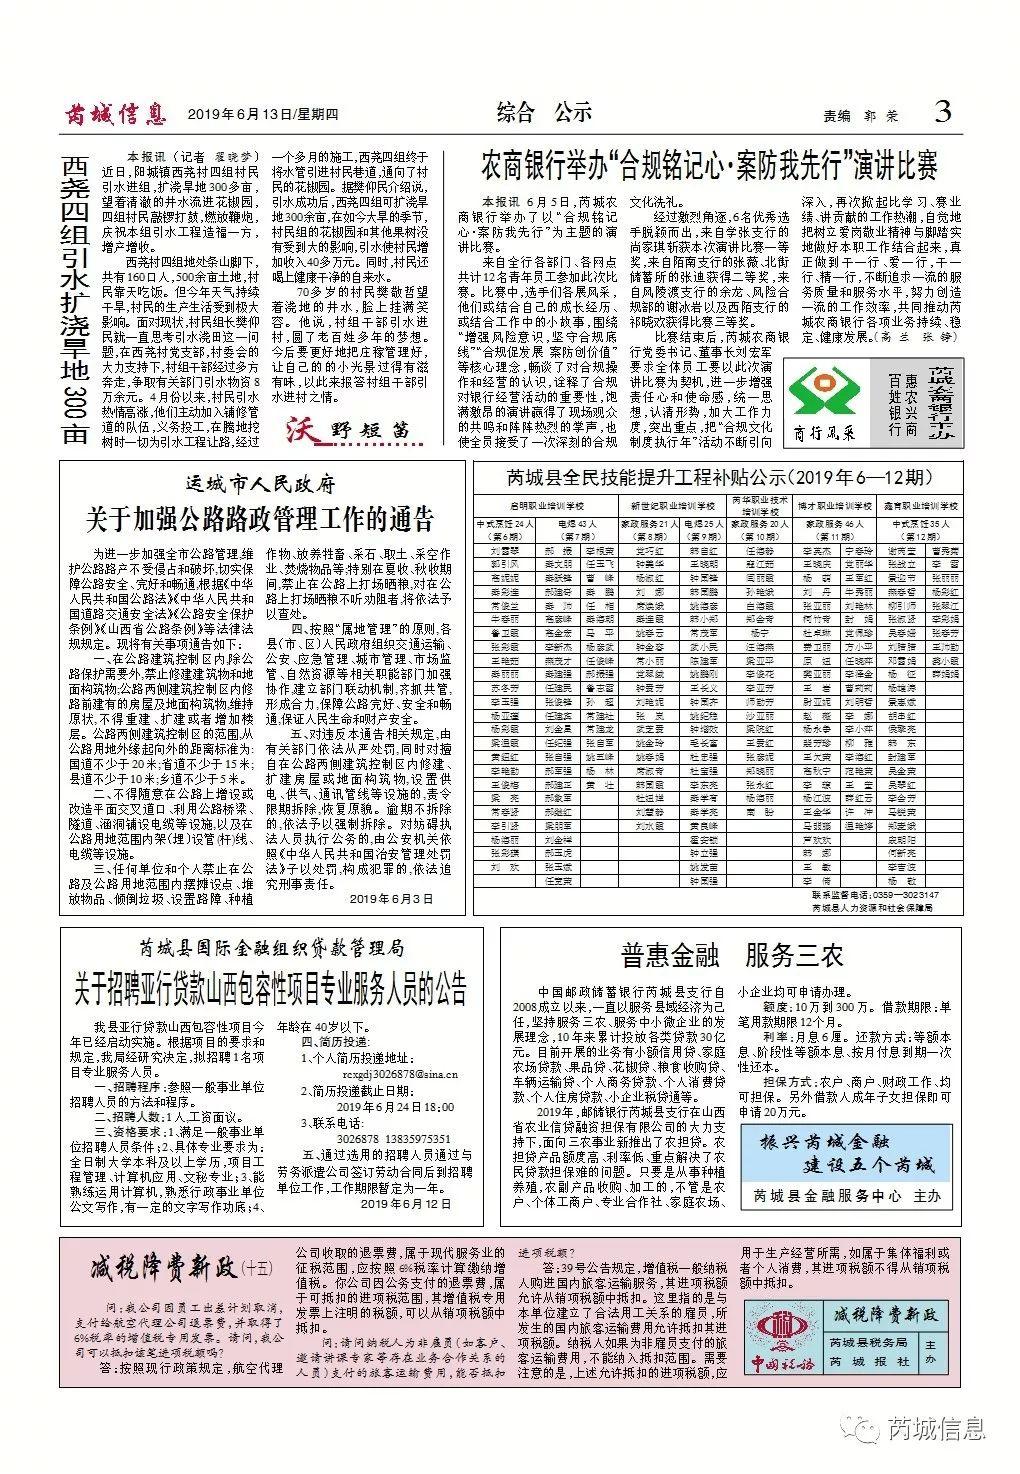 依兰镇锦城村